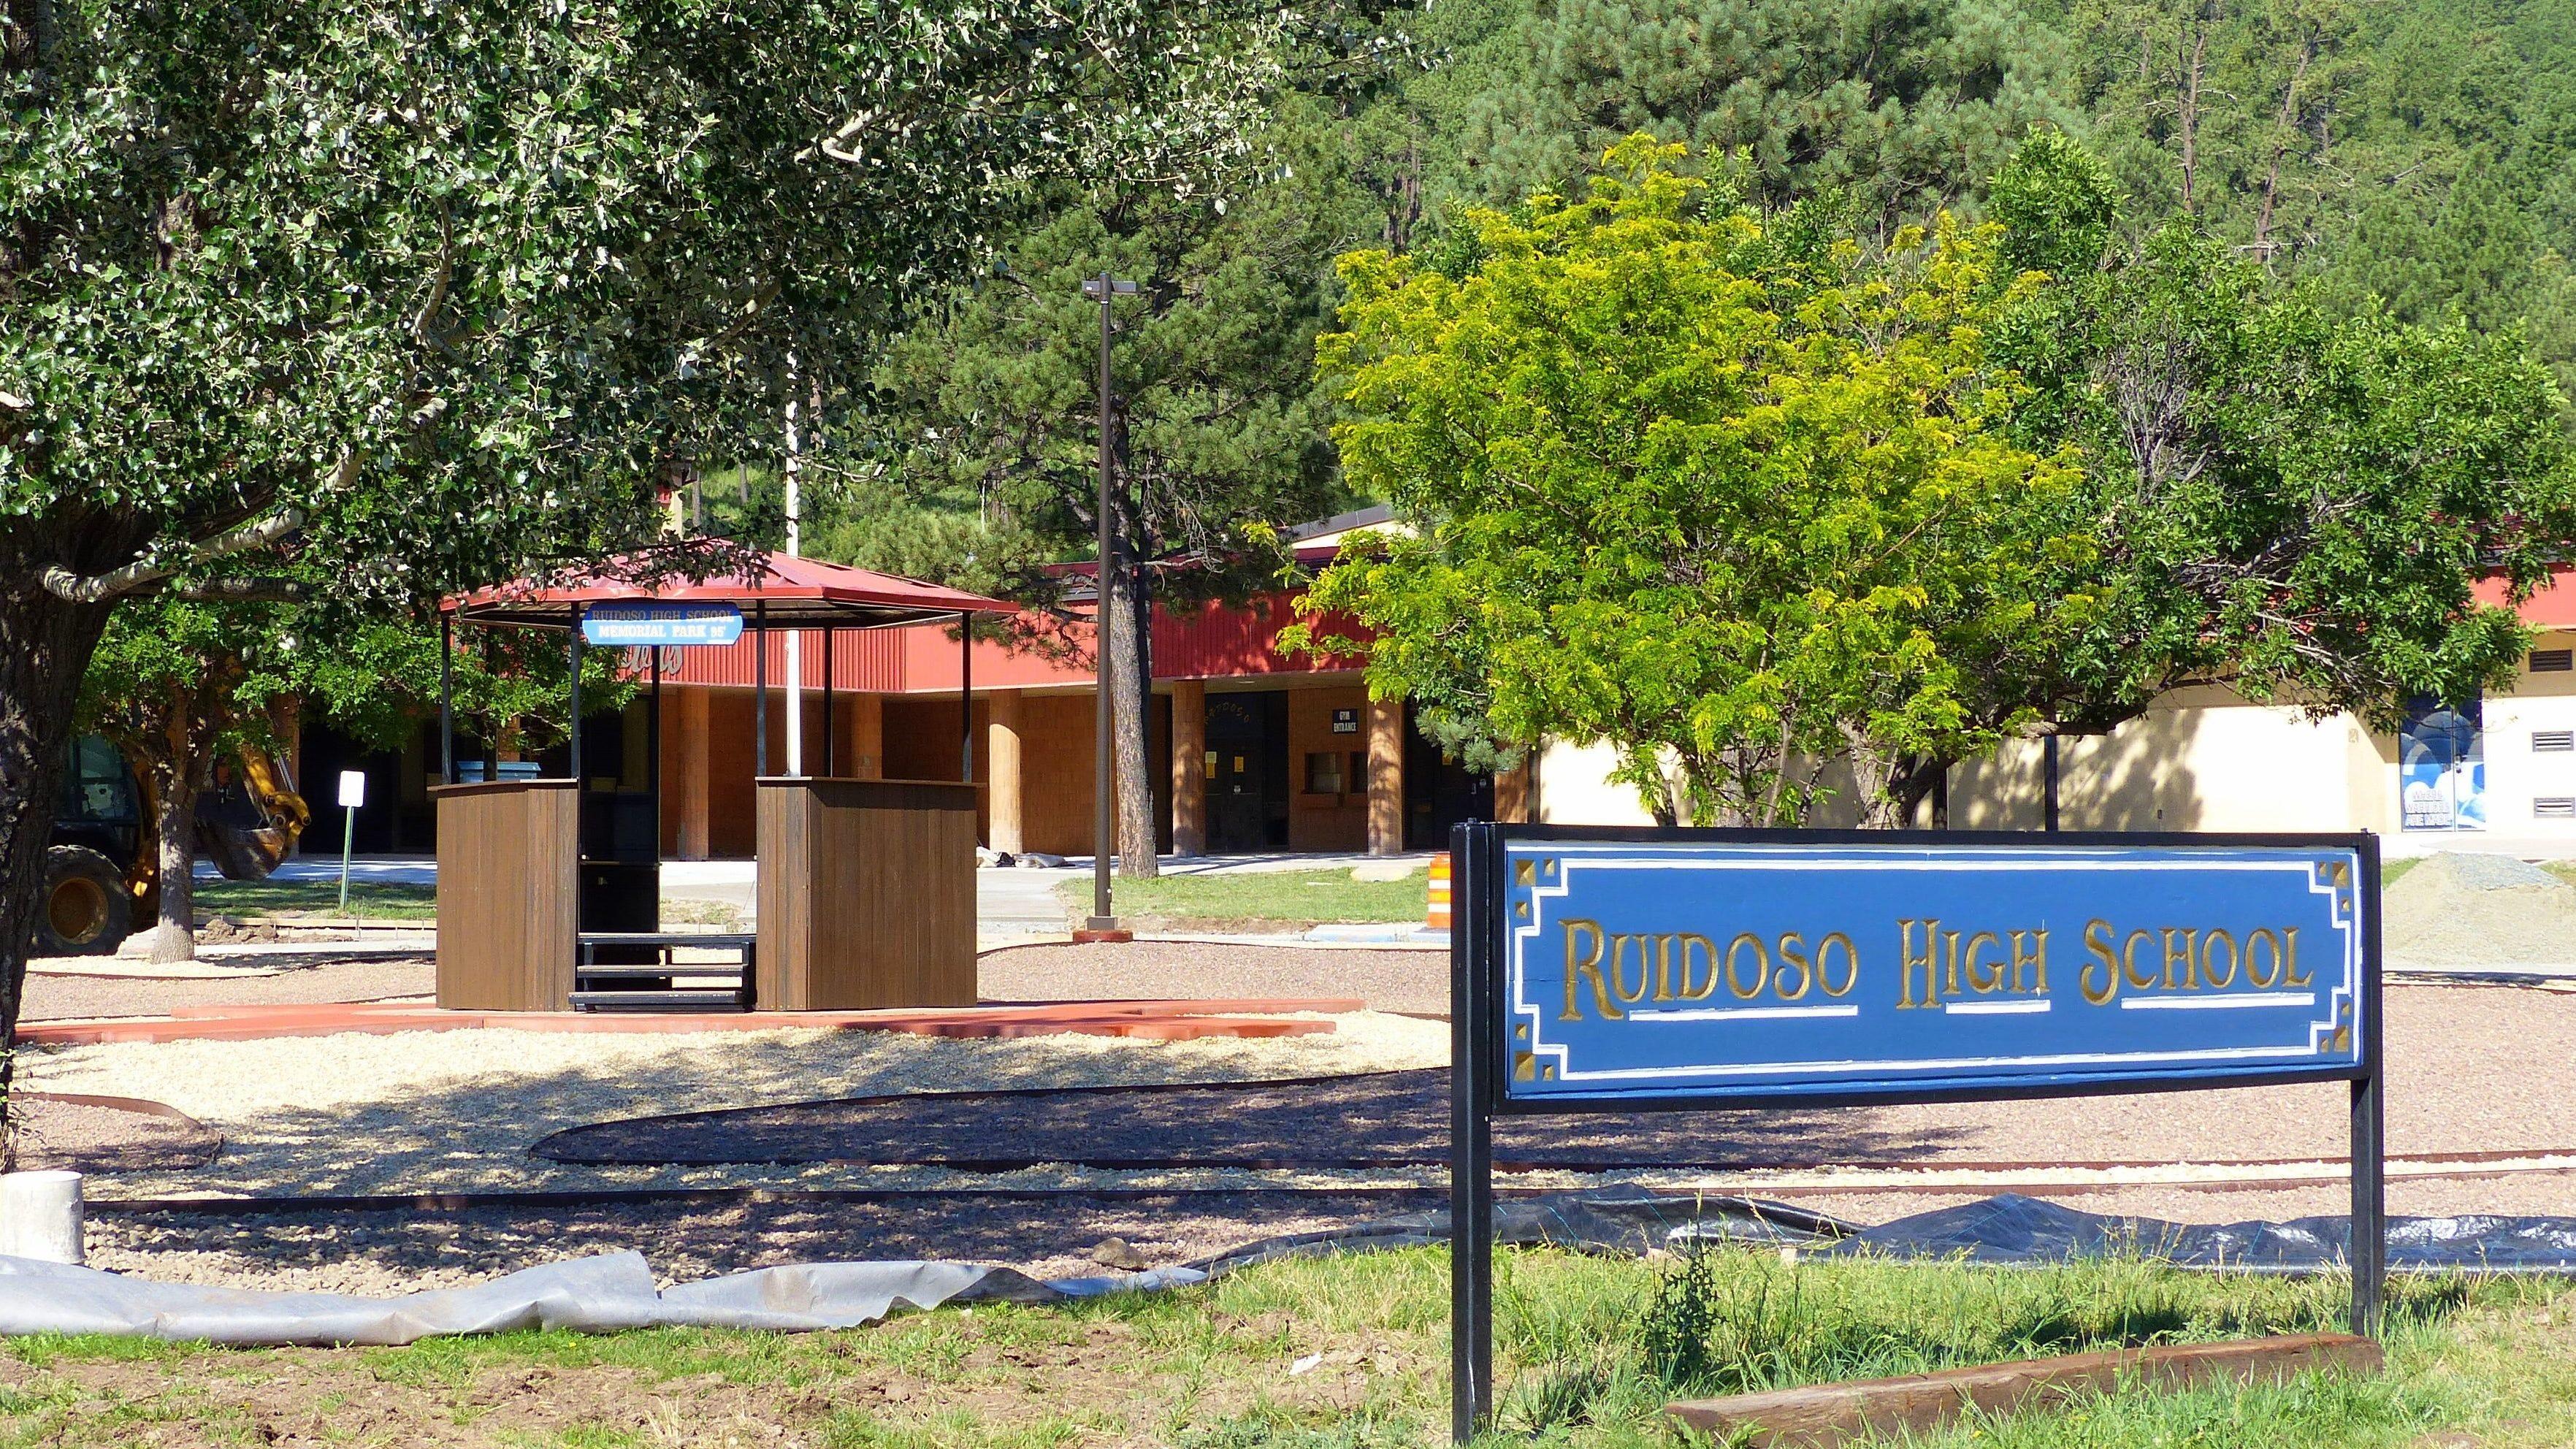 Ruidoso High School